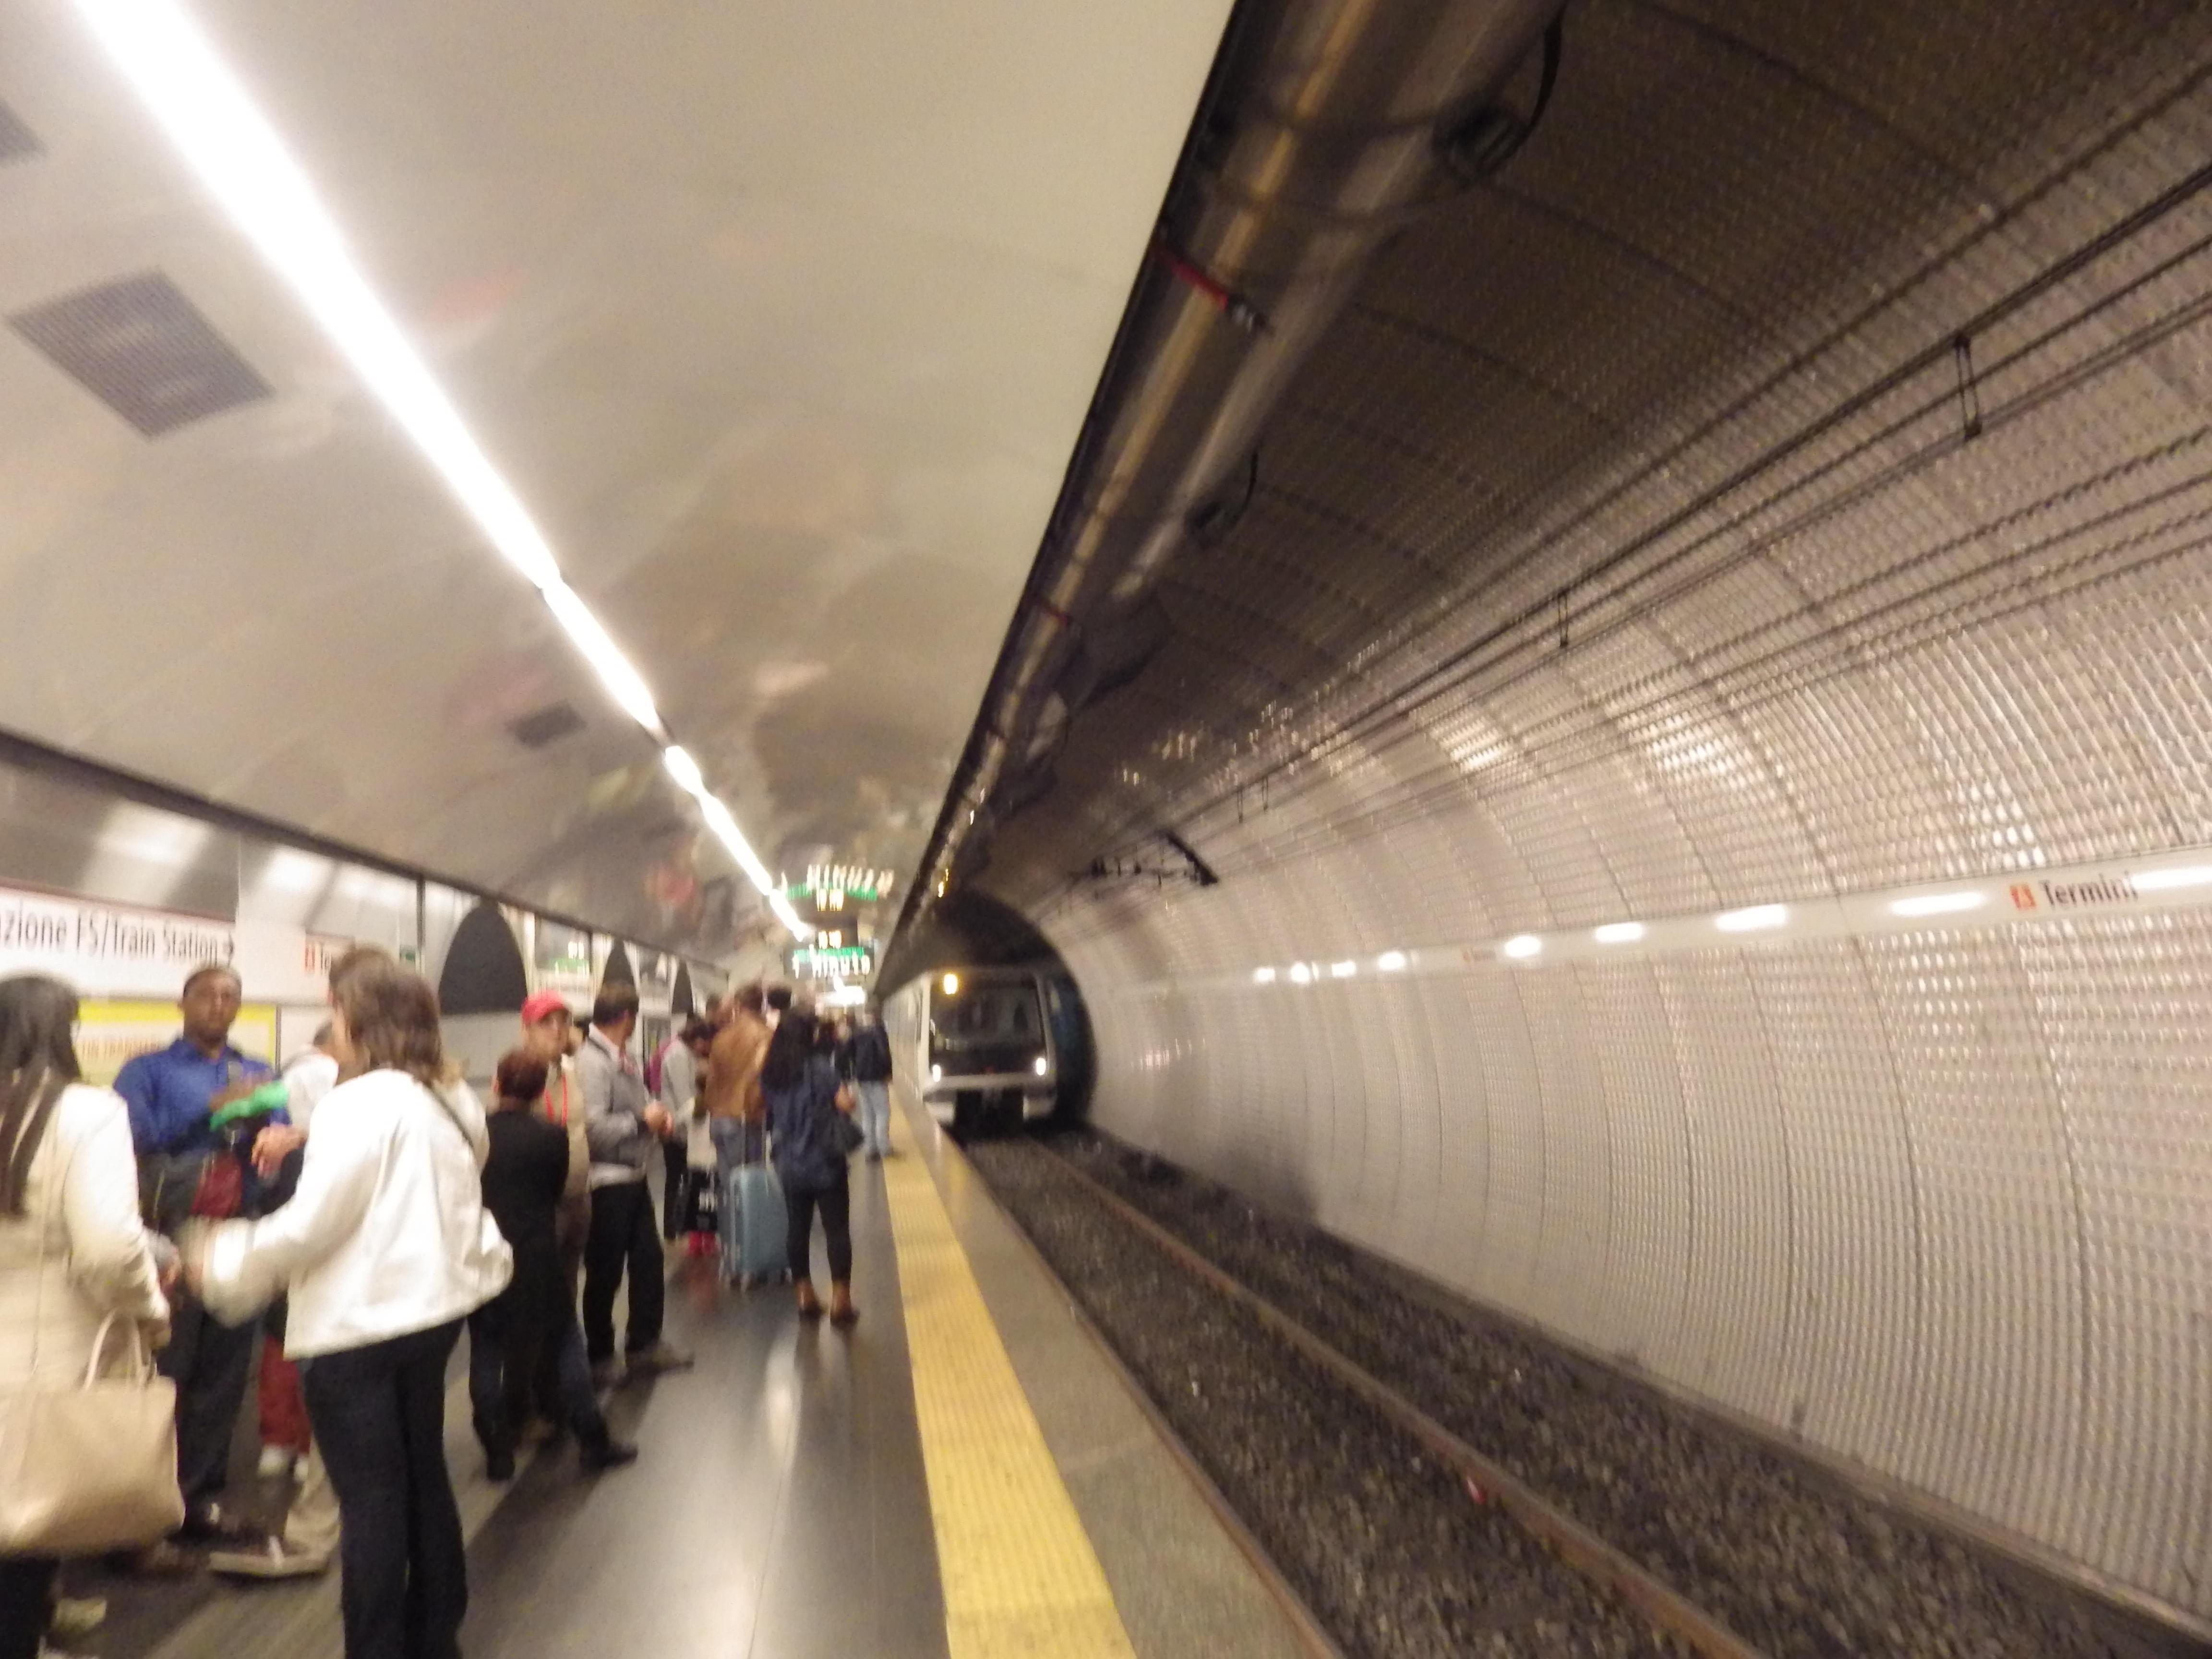 U-Bahn-Station Stazione Termini Roma